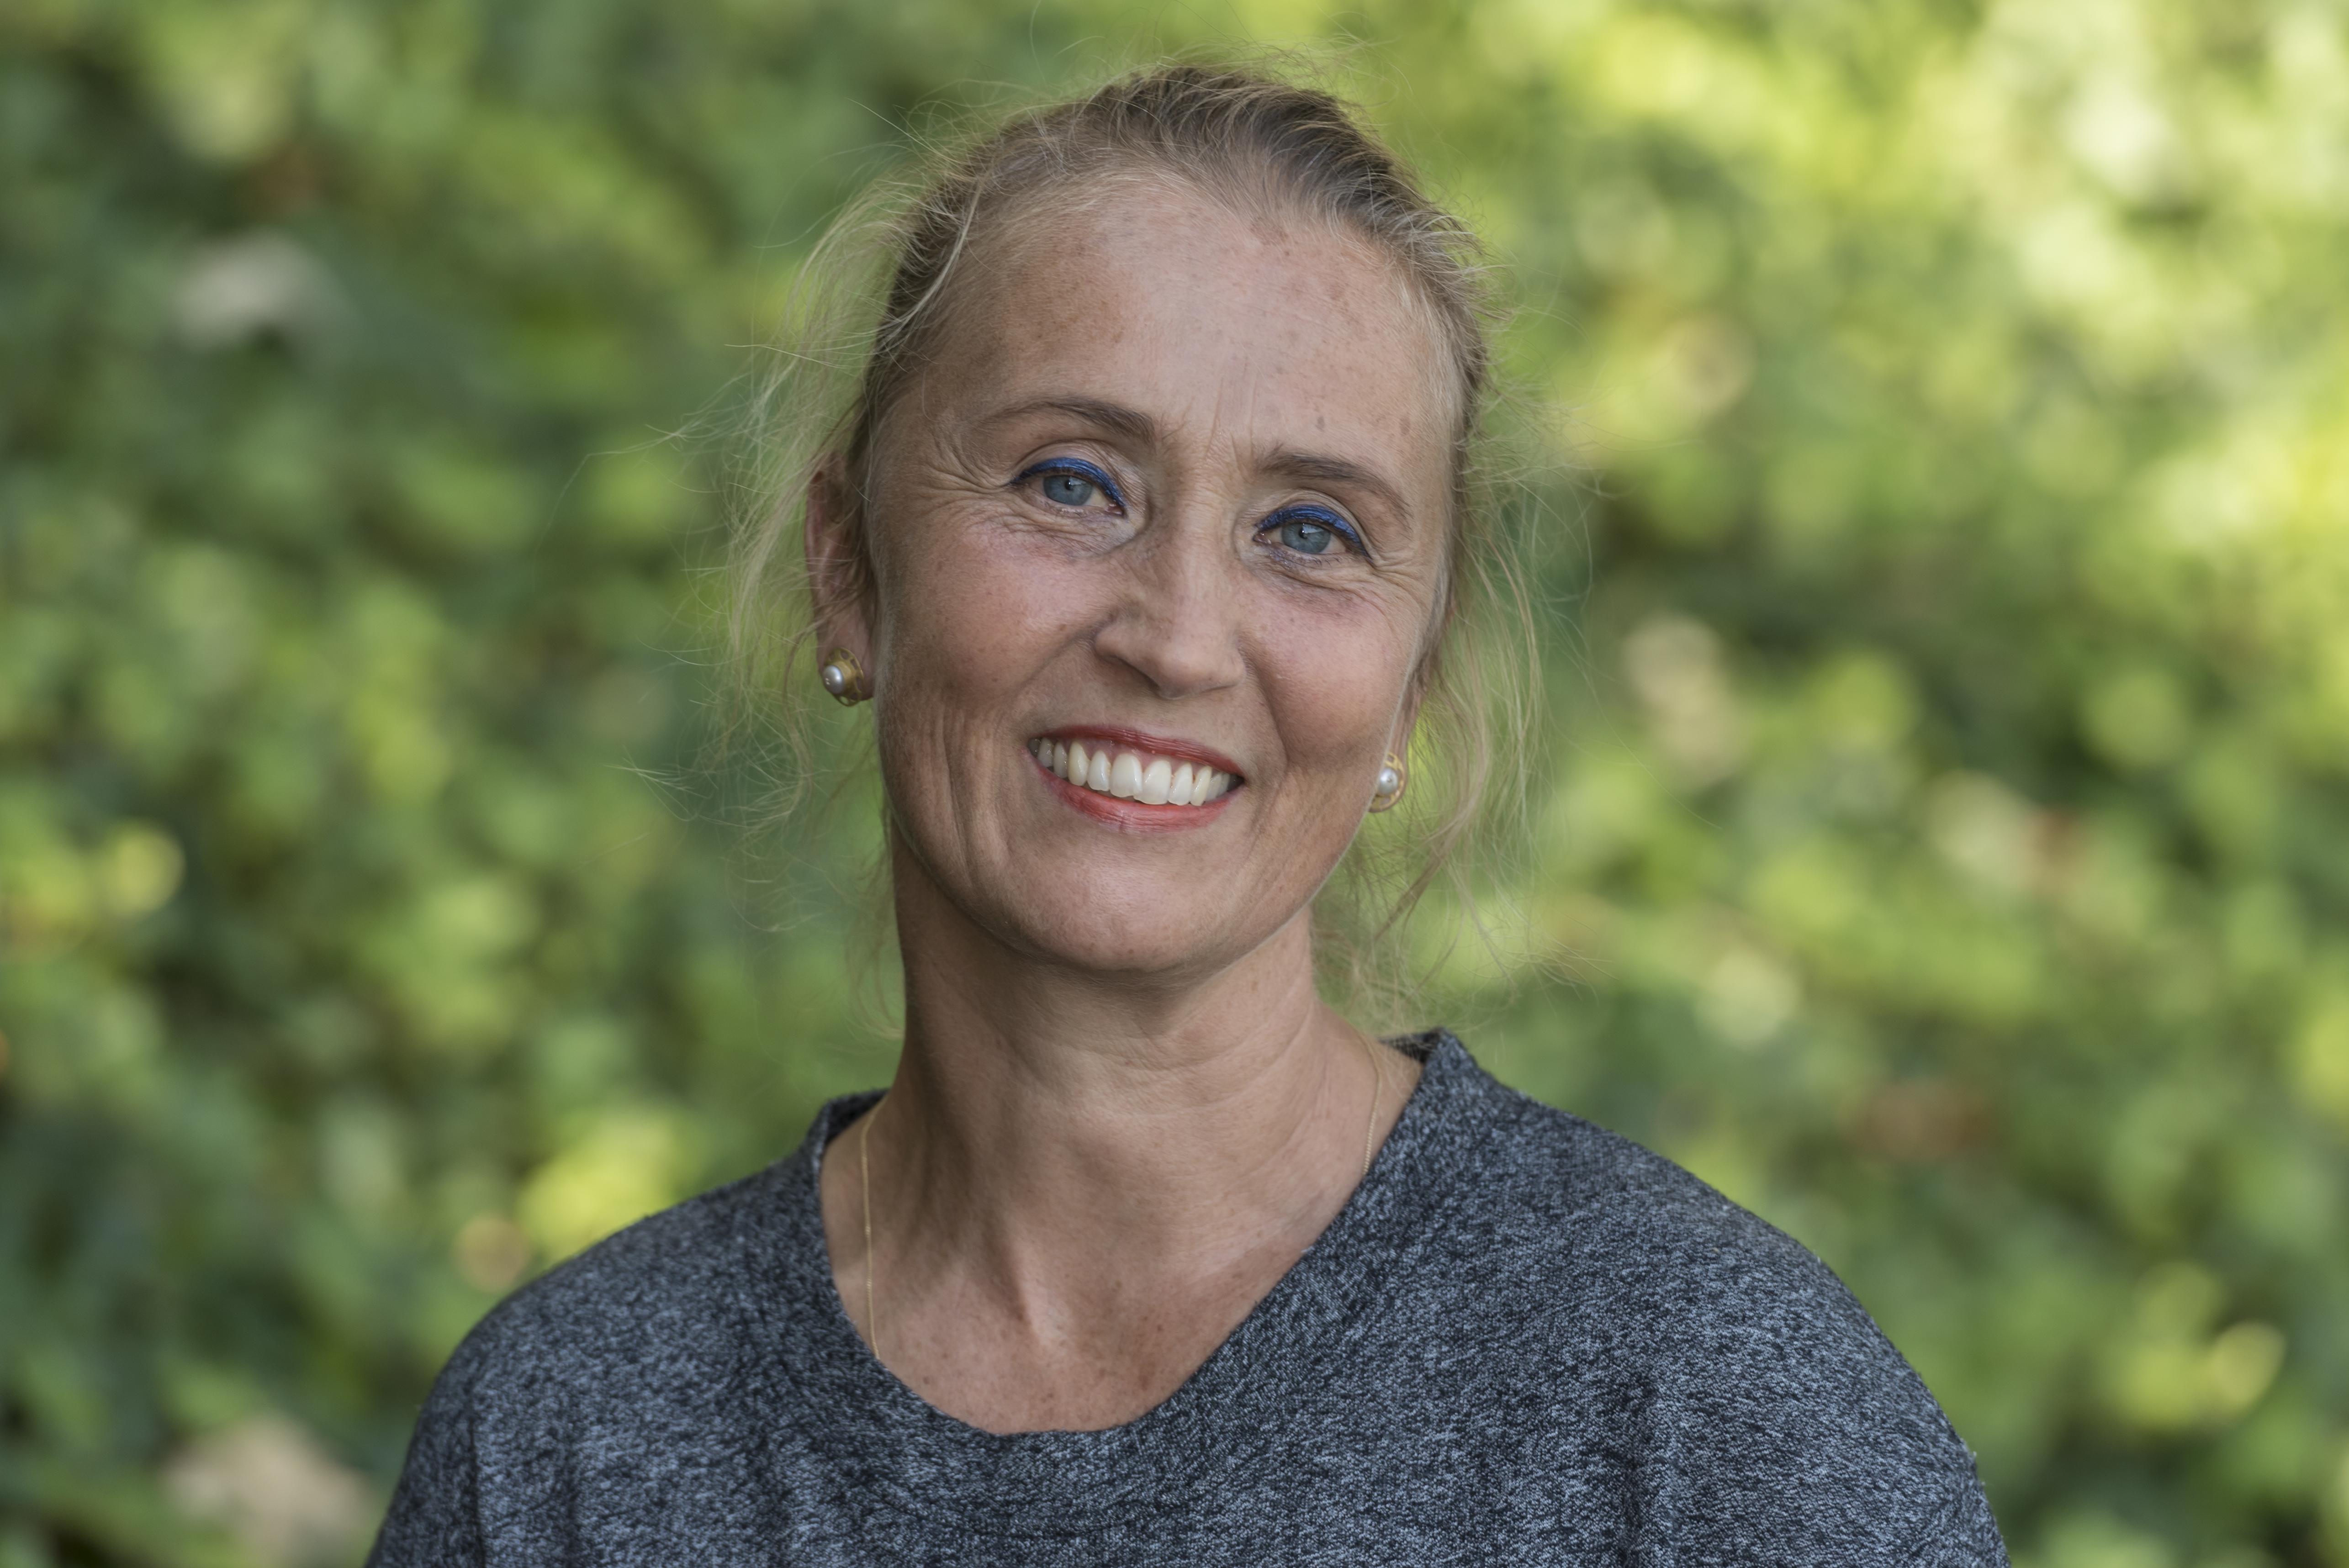 Karin Krick